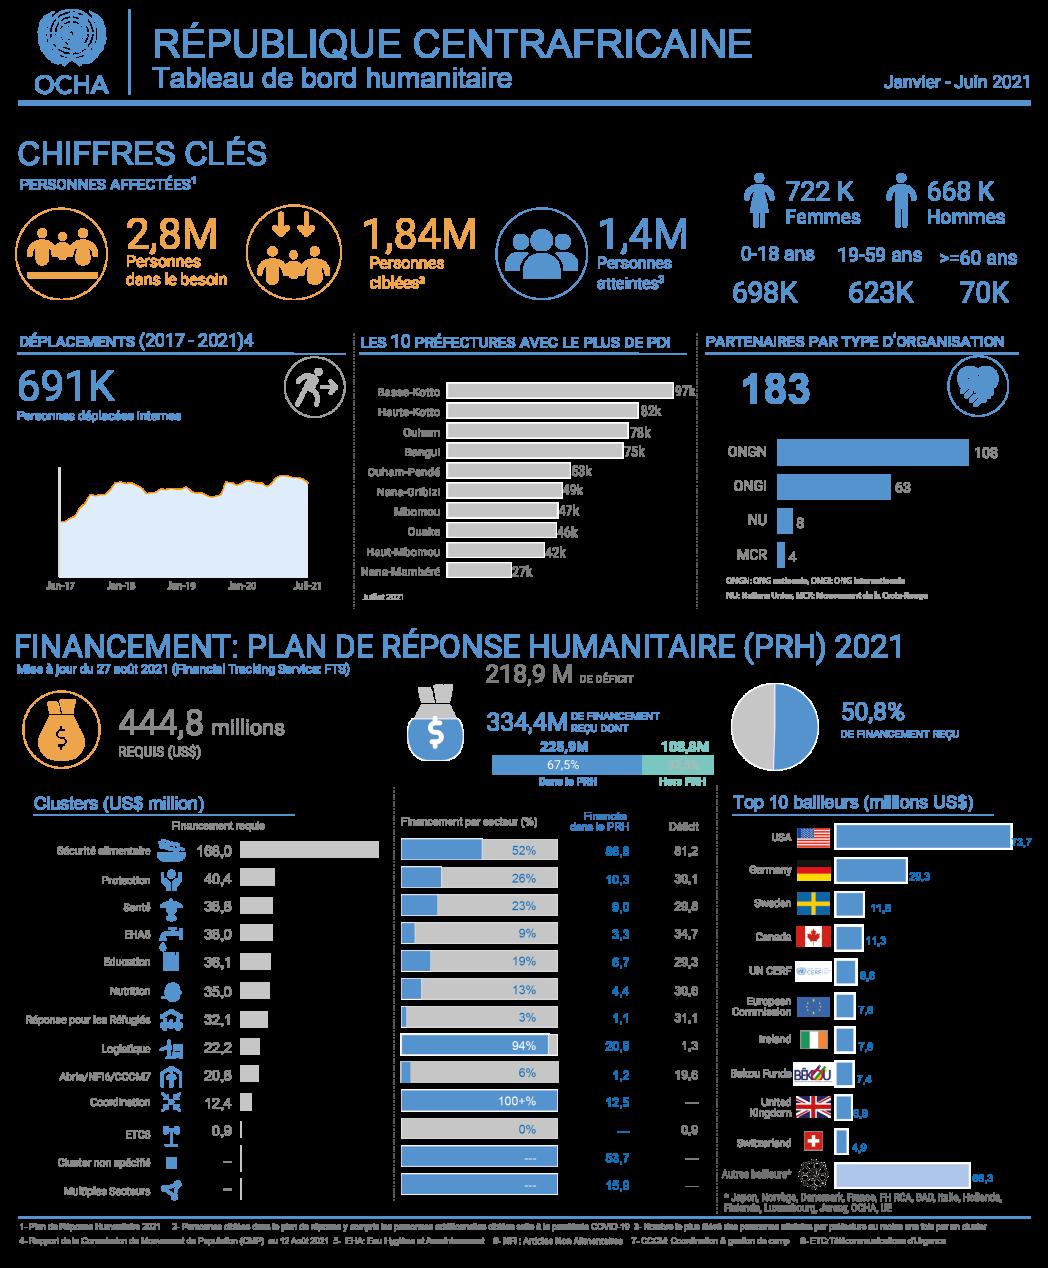 Tableau de bord humanitaire, janvier - juin 2021